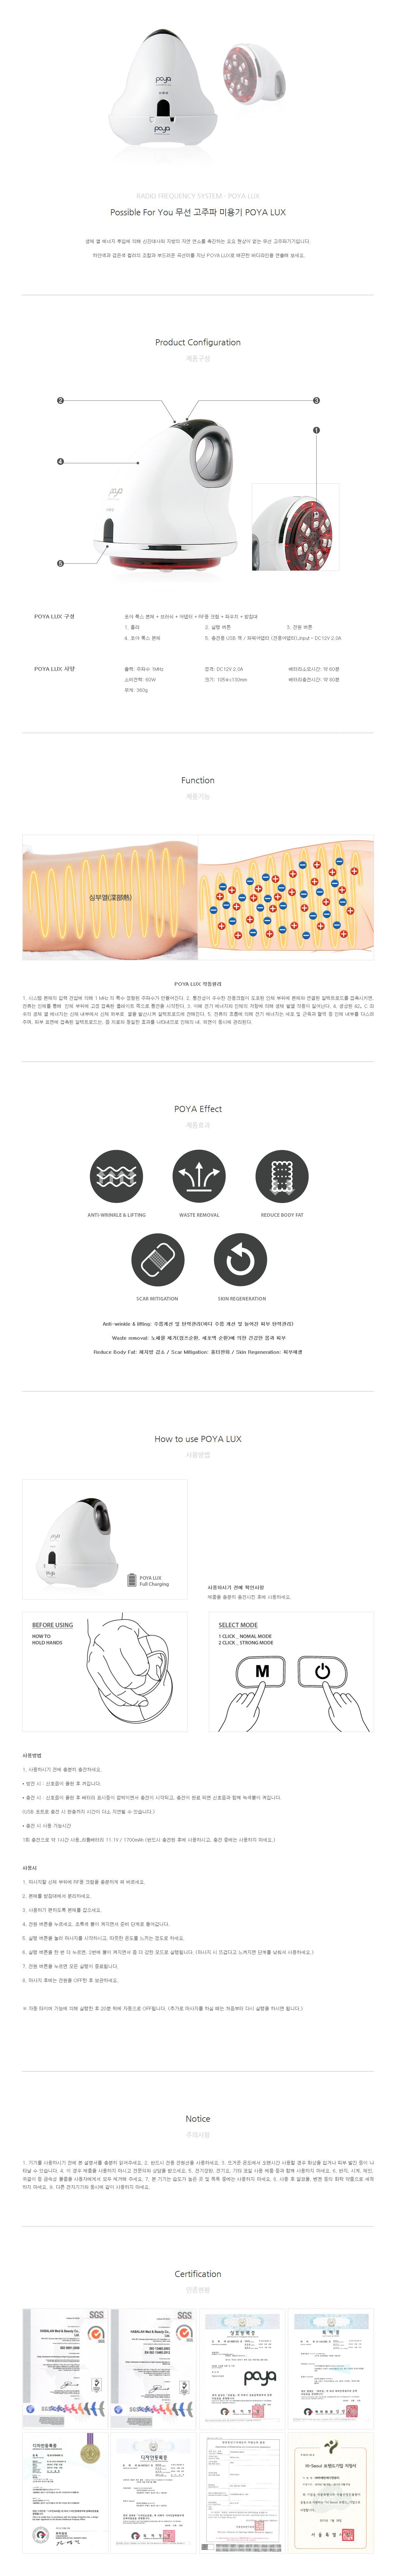 (주)하배런메디엔뷰티 무선 고주파 미용기 POYA LUX  2